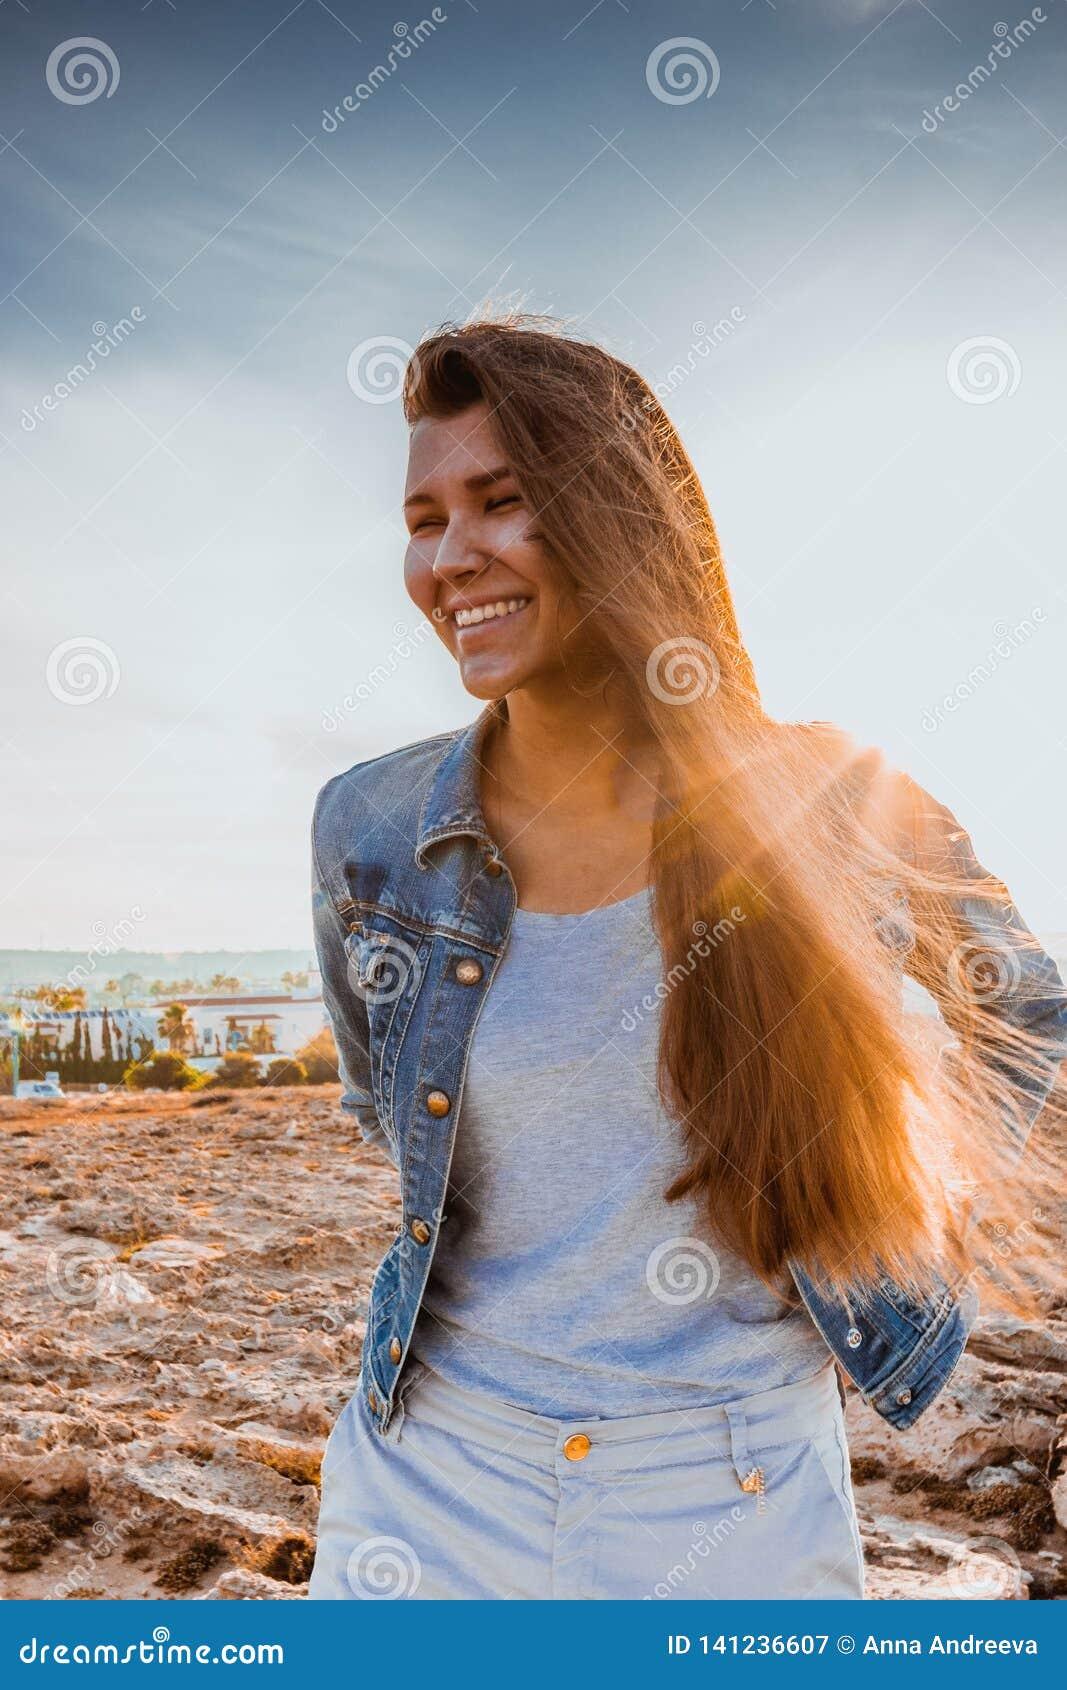 Ljus bild av att skratta kvinnan på stranden panelljussolljus i backgroiund Härlig Caucasian ung kvinnlig modell